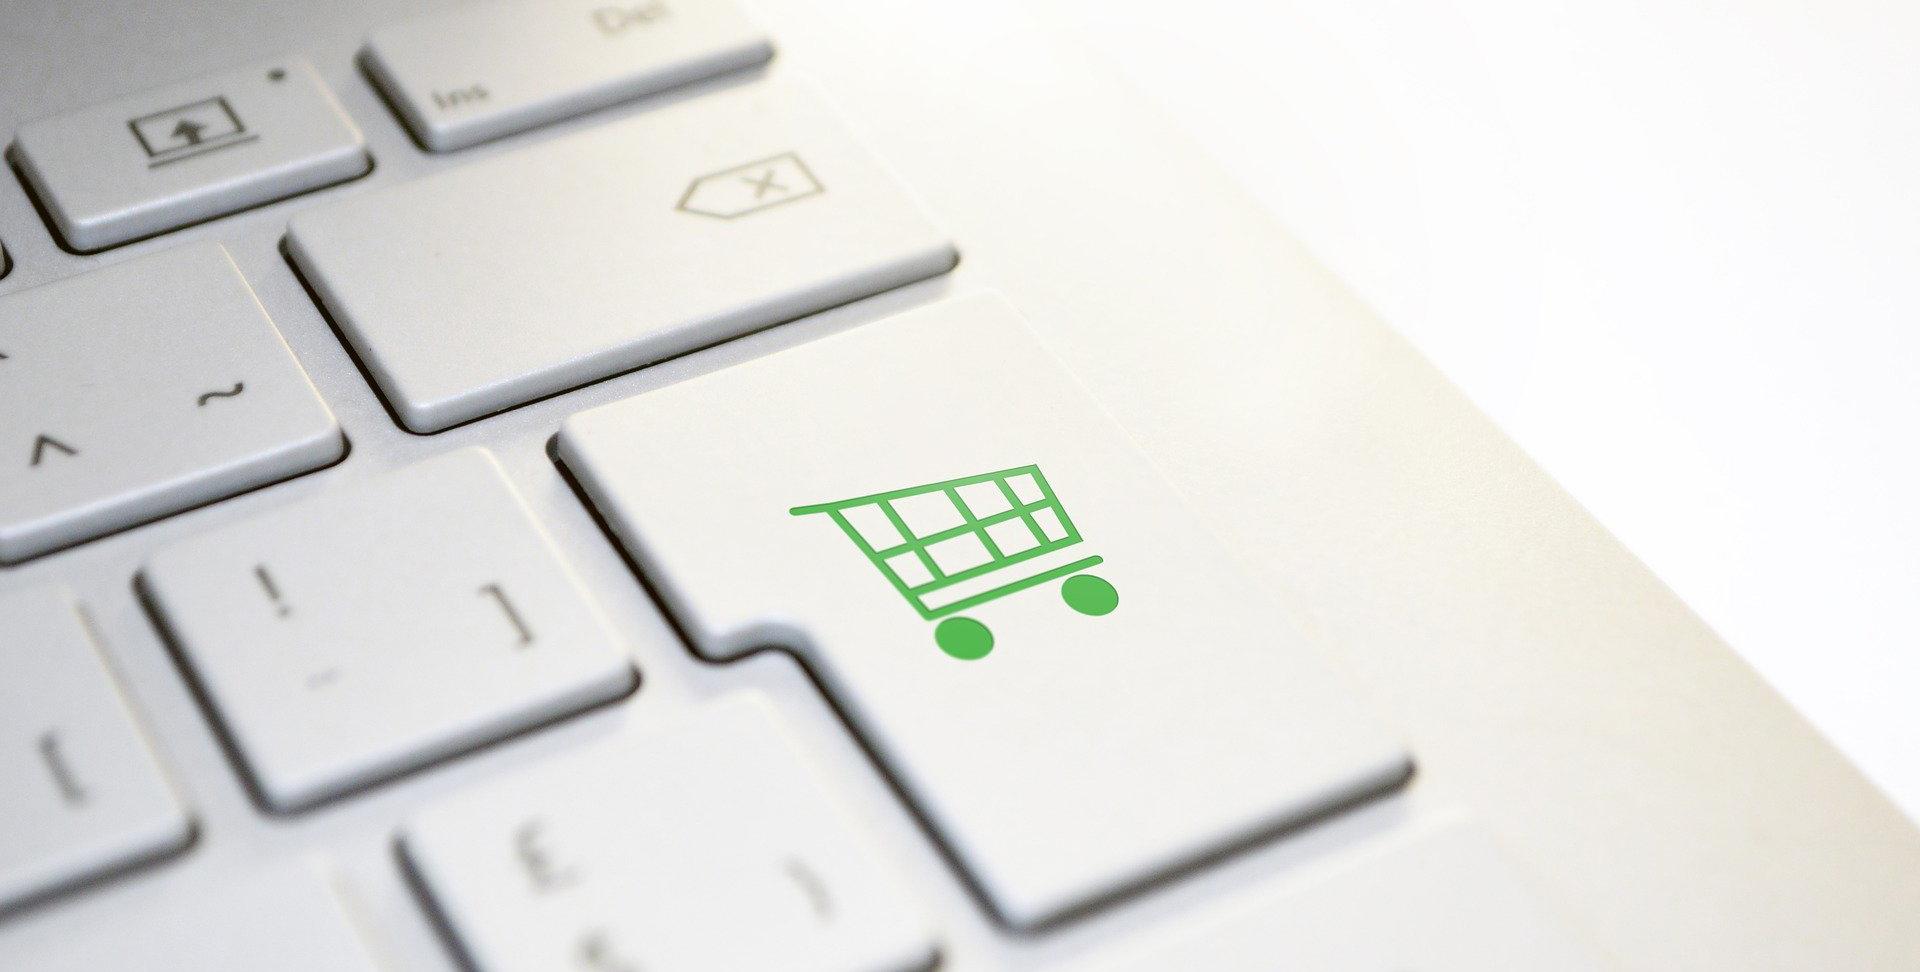 Computador com tecla de compras